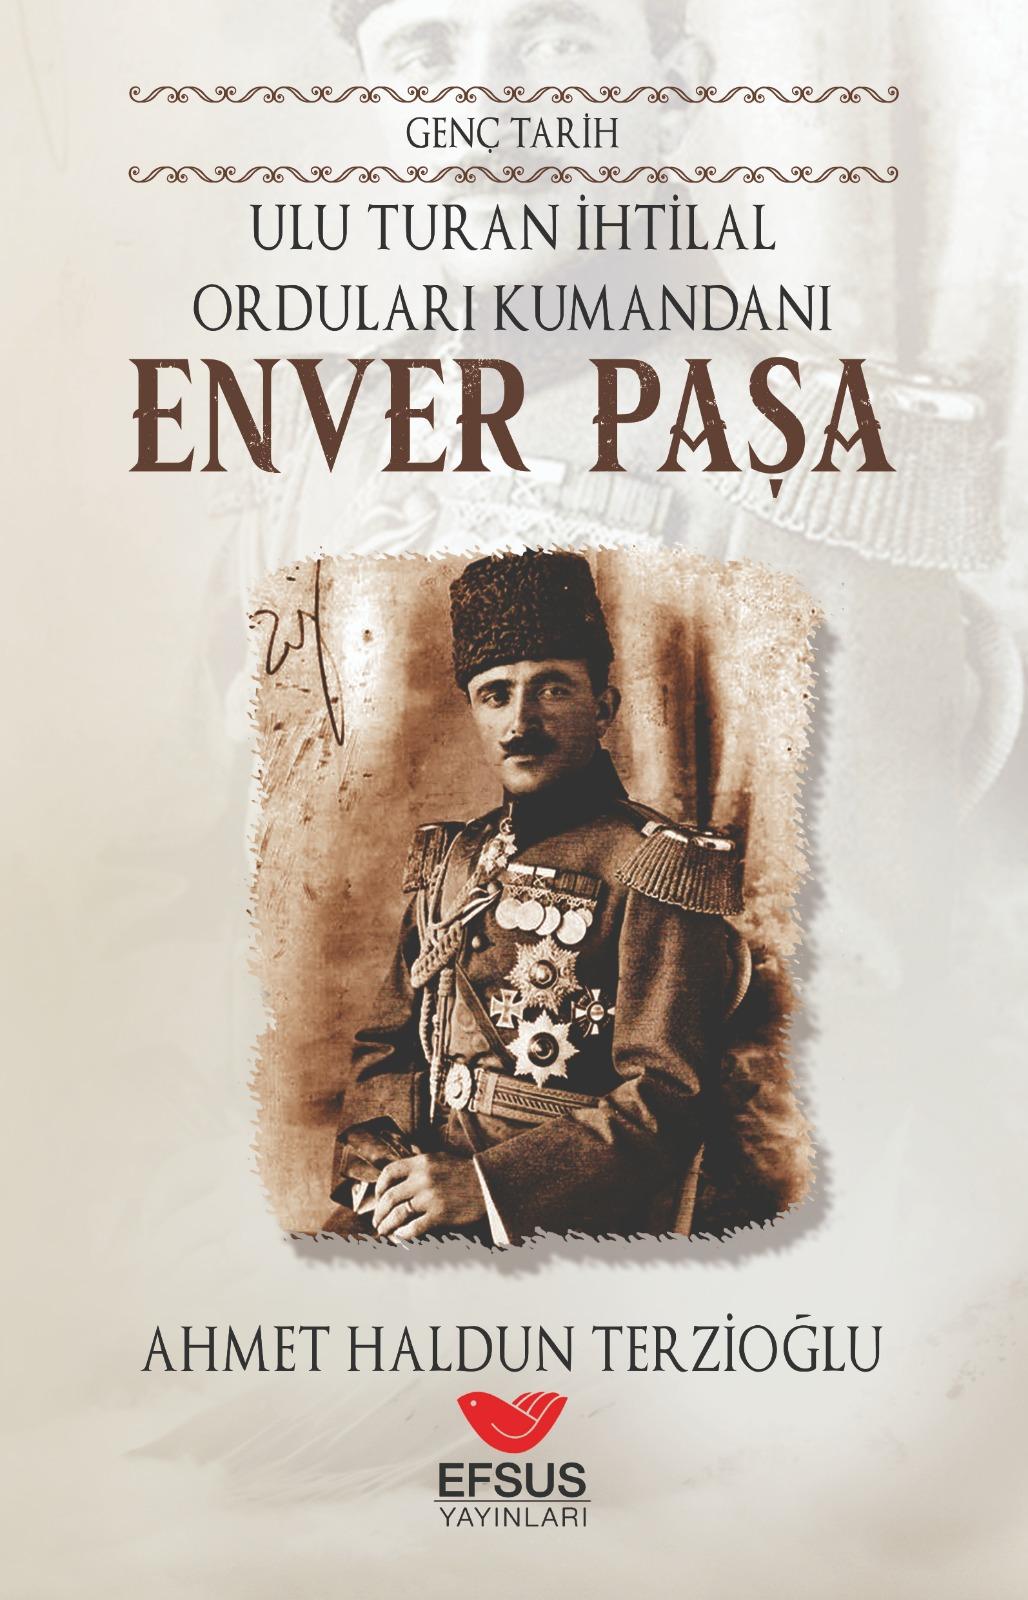 Genç Tarih Enver Paşa